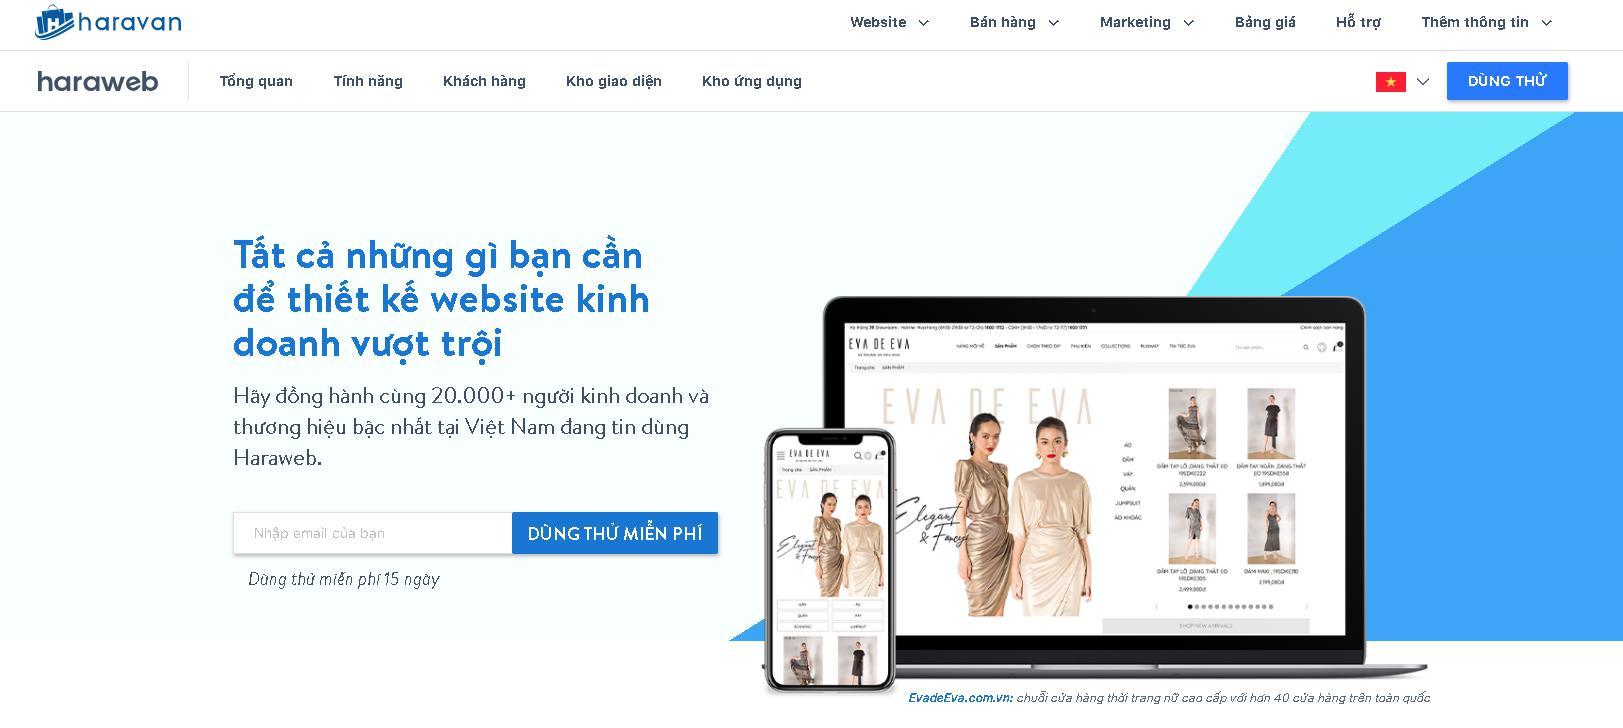 Công ty thiết kế website Haravan